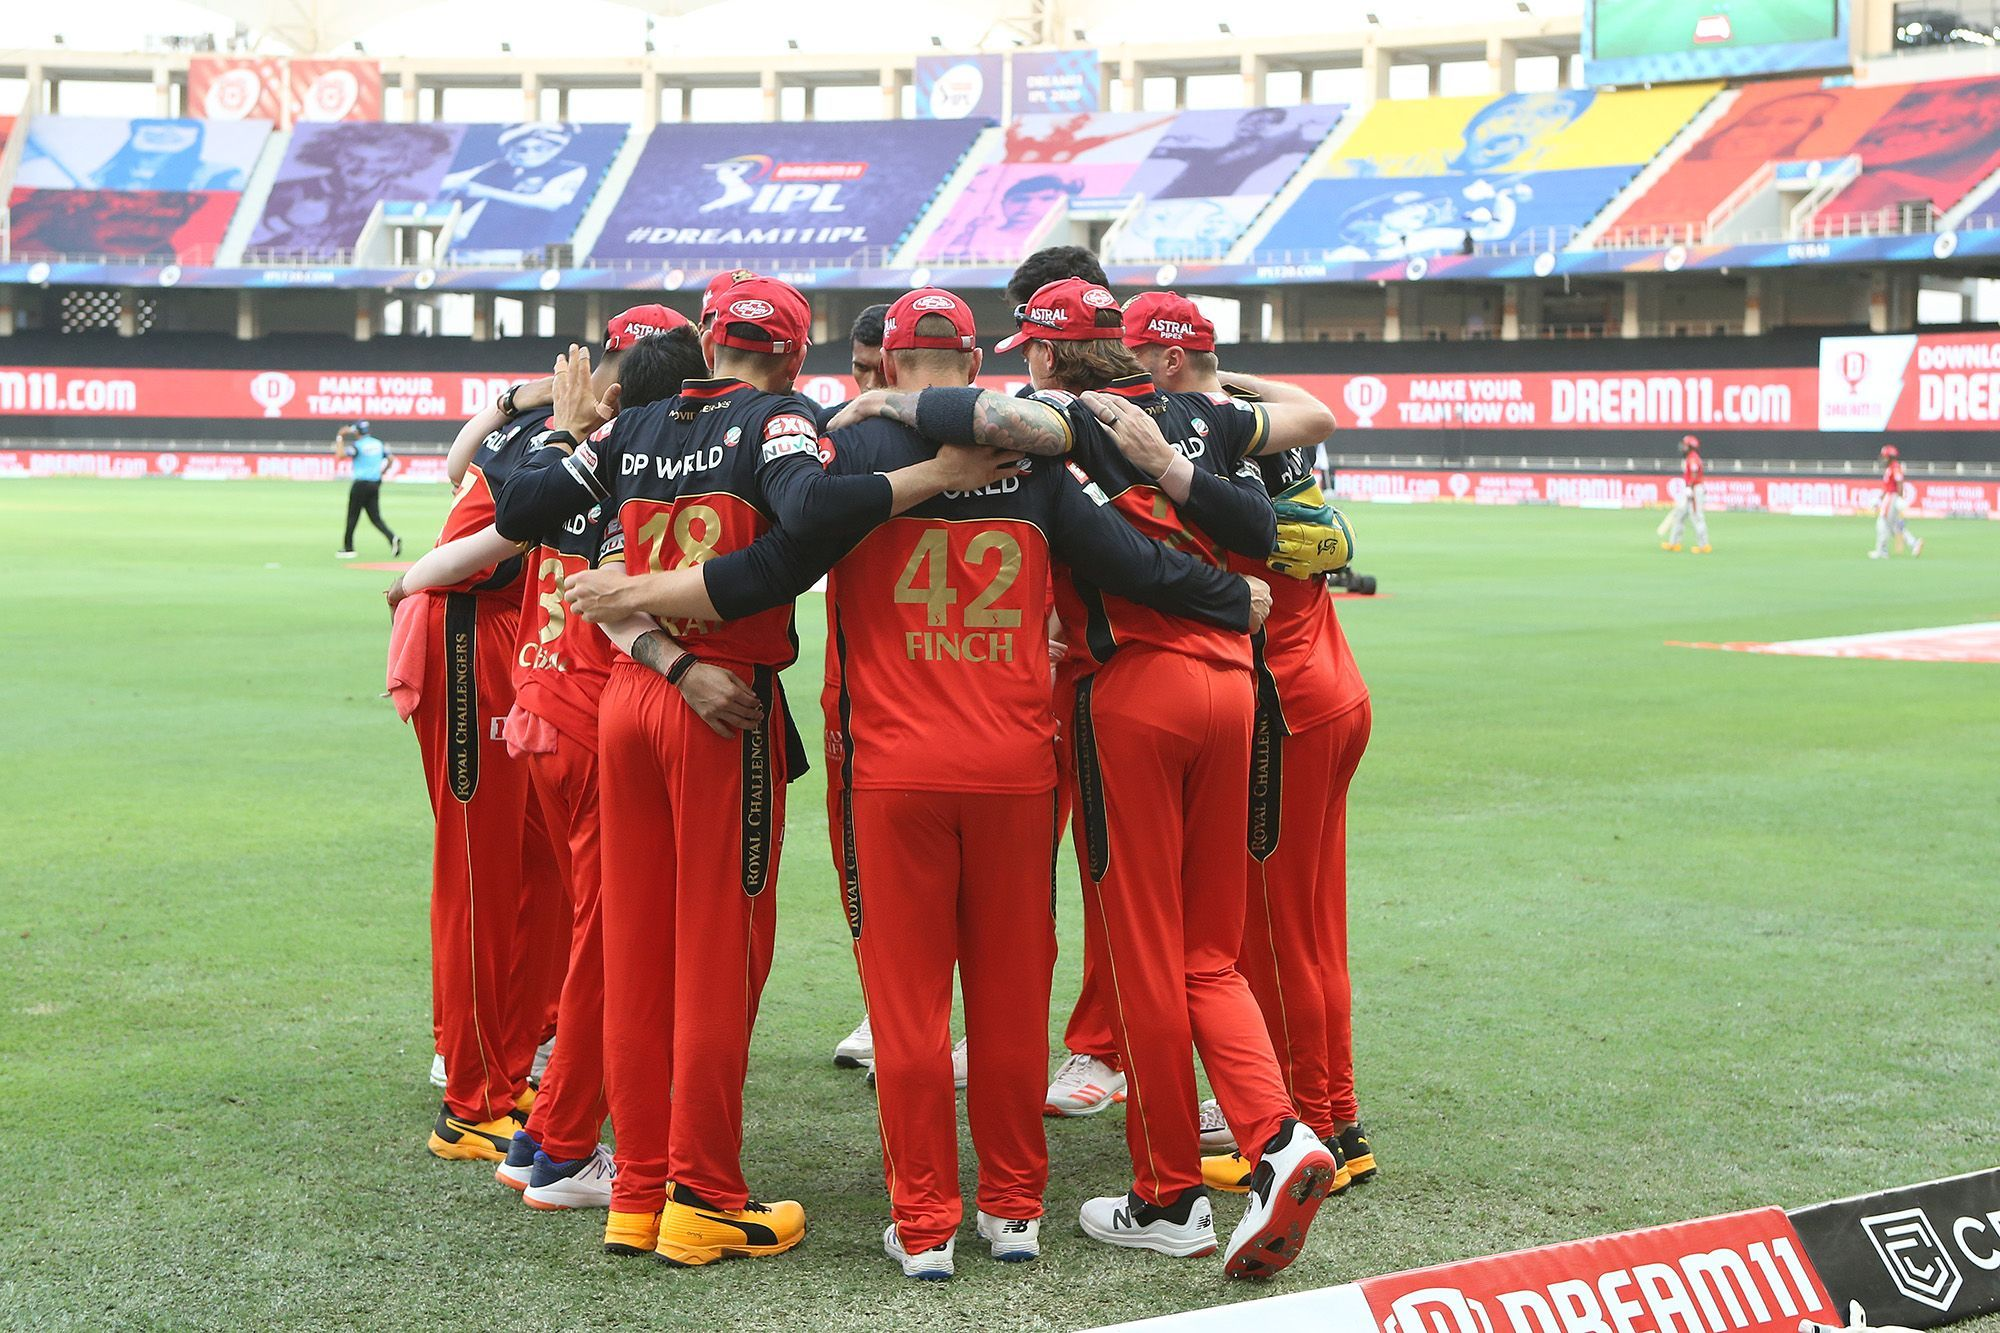 खिलाड़ियों को रिलीज करने के बाद जानिए रॉयल चैलेंजर्स बैंगलोर की टीम के बारे में, कमजोरी, मजबूती, नीलामी पर किन खिलाड़ियों पर होगी नजर 1